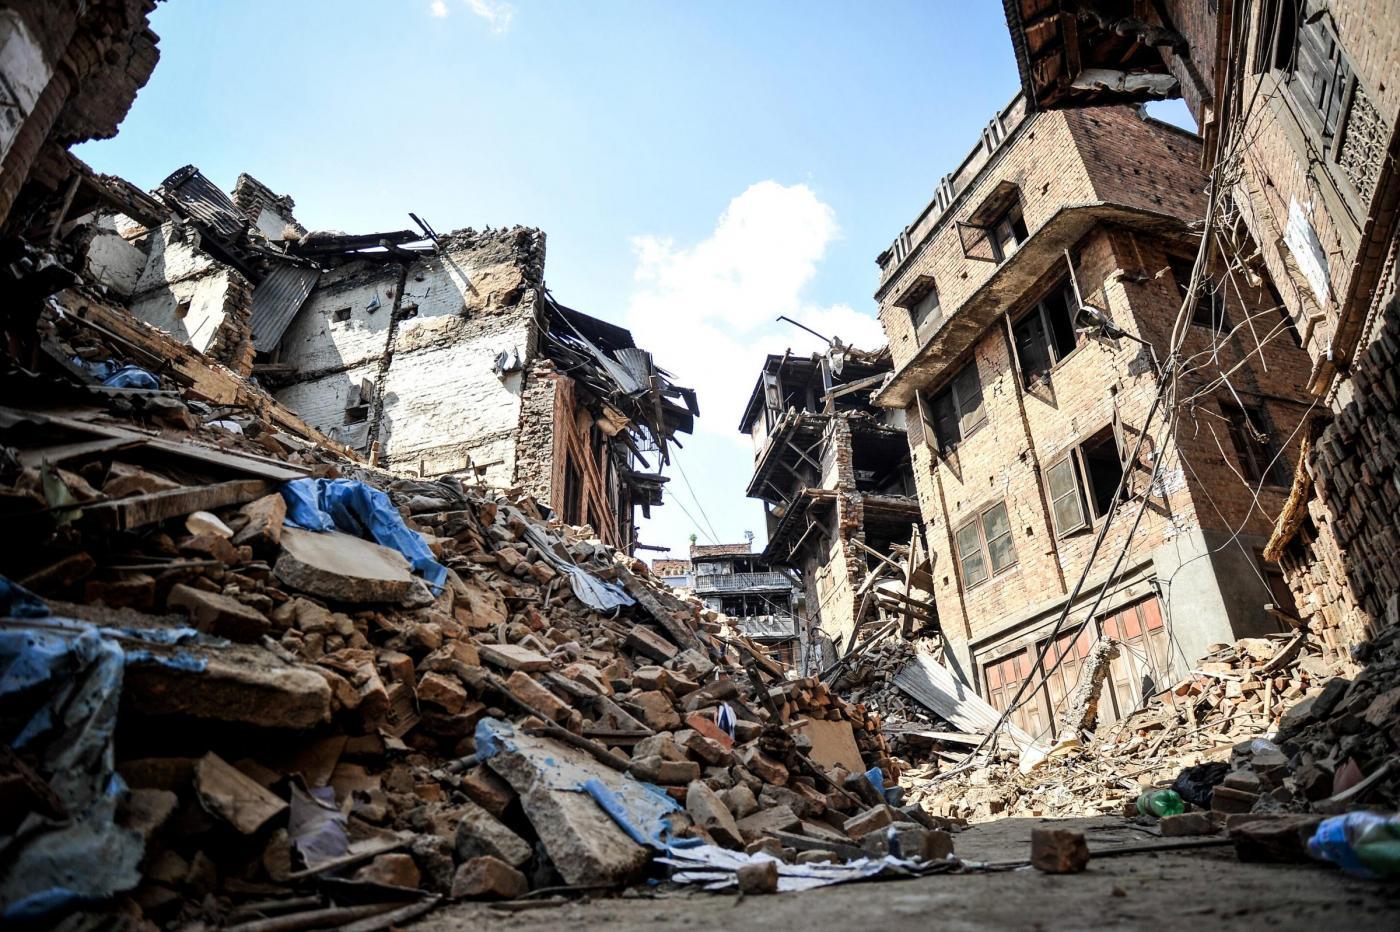 Terremoto nepal il 90 degli abitanti rimasto senza casa e adesso il futuro fa paura meteo web - Casa senza fondamenta terremoto ...